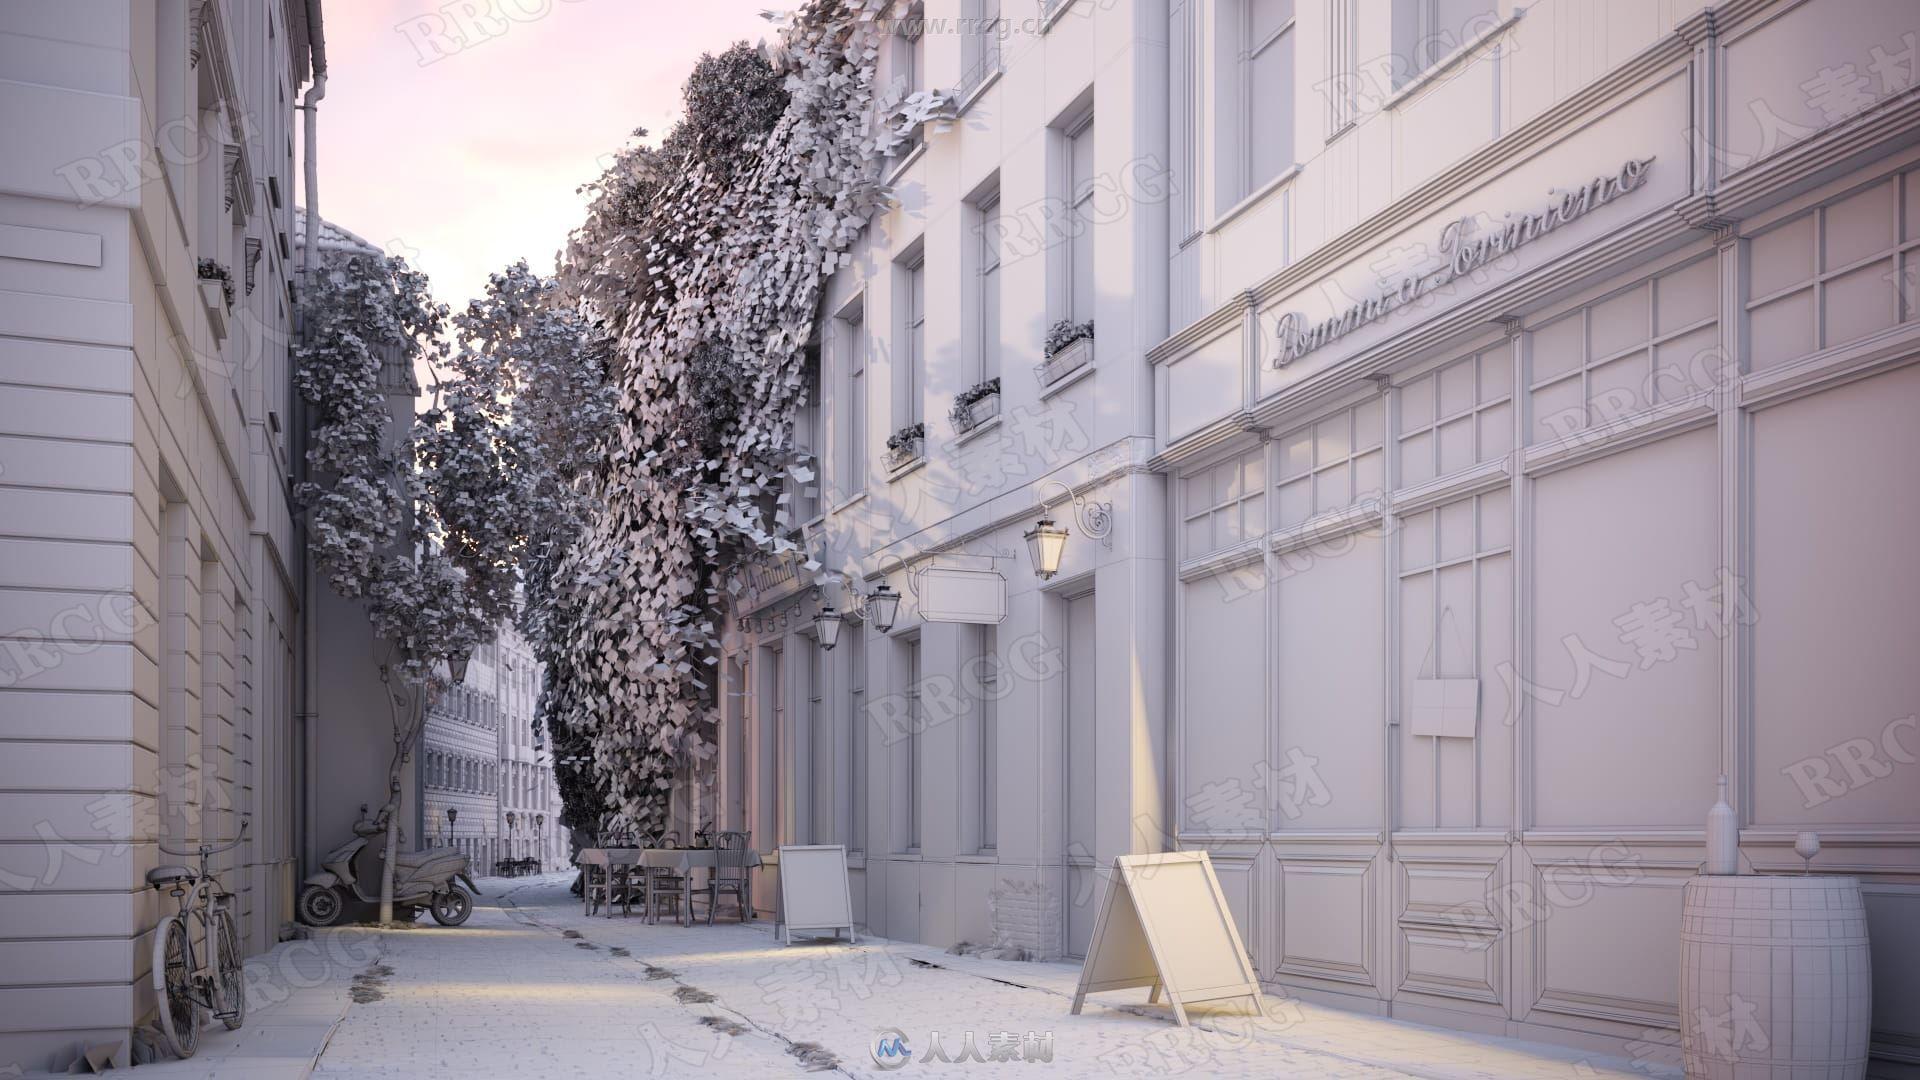 10组高品质城市建筑外部景观3D模型合集